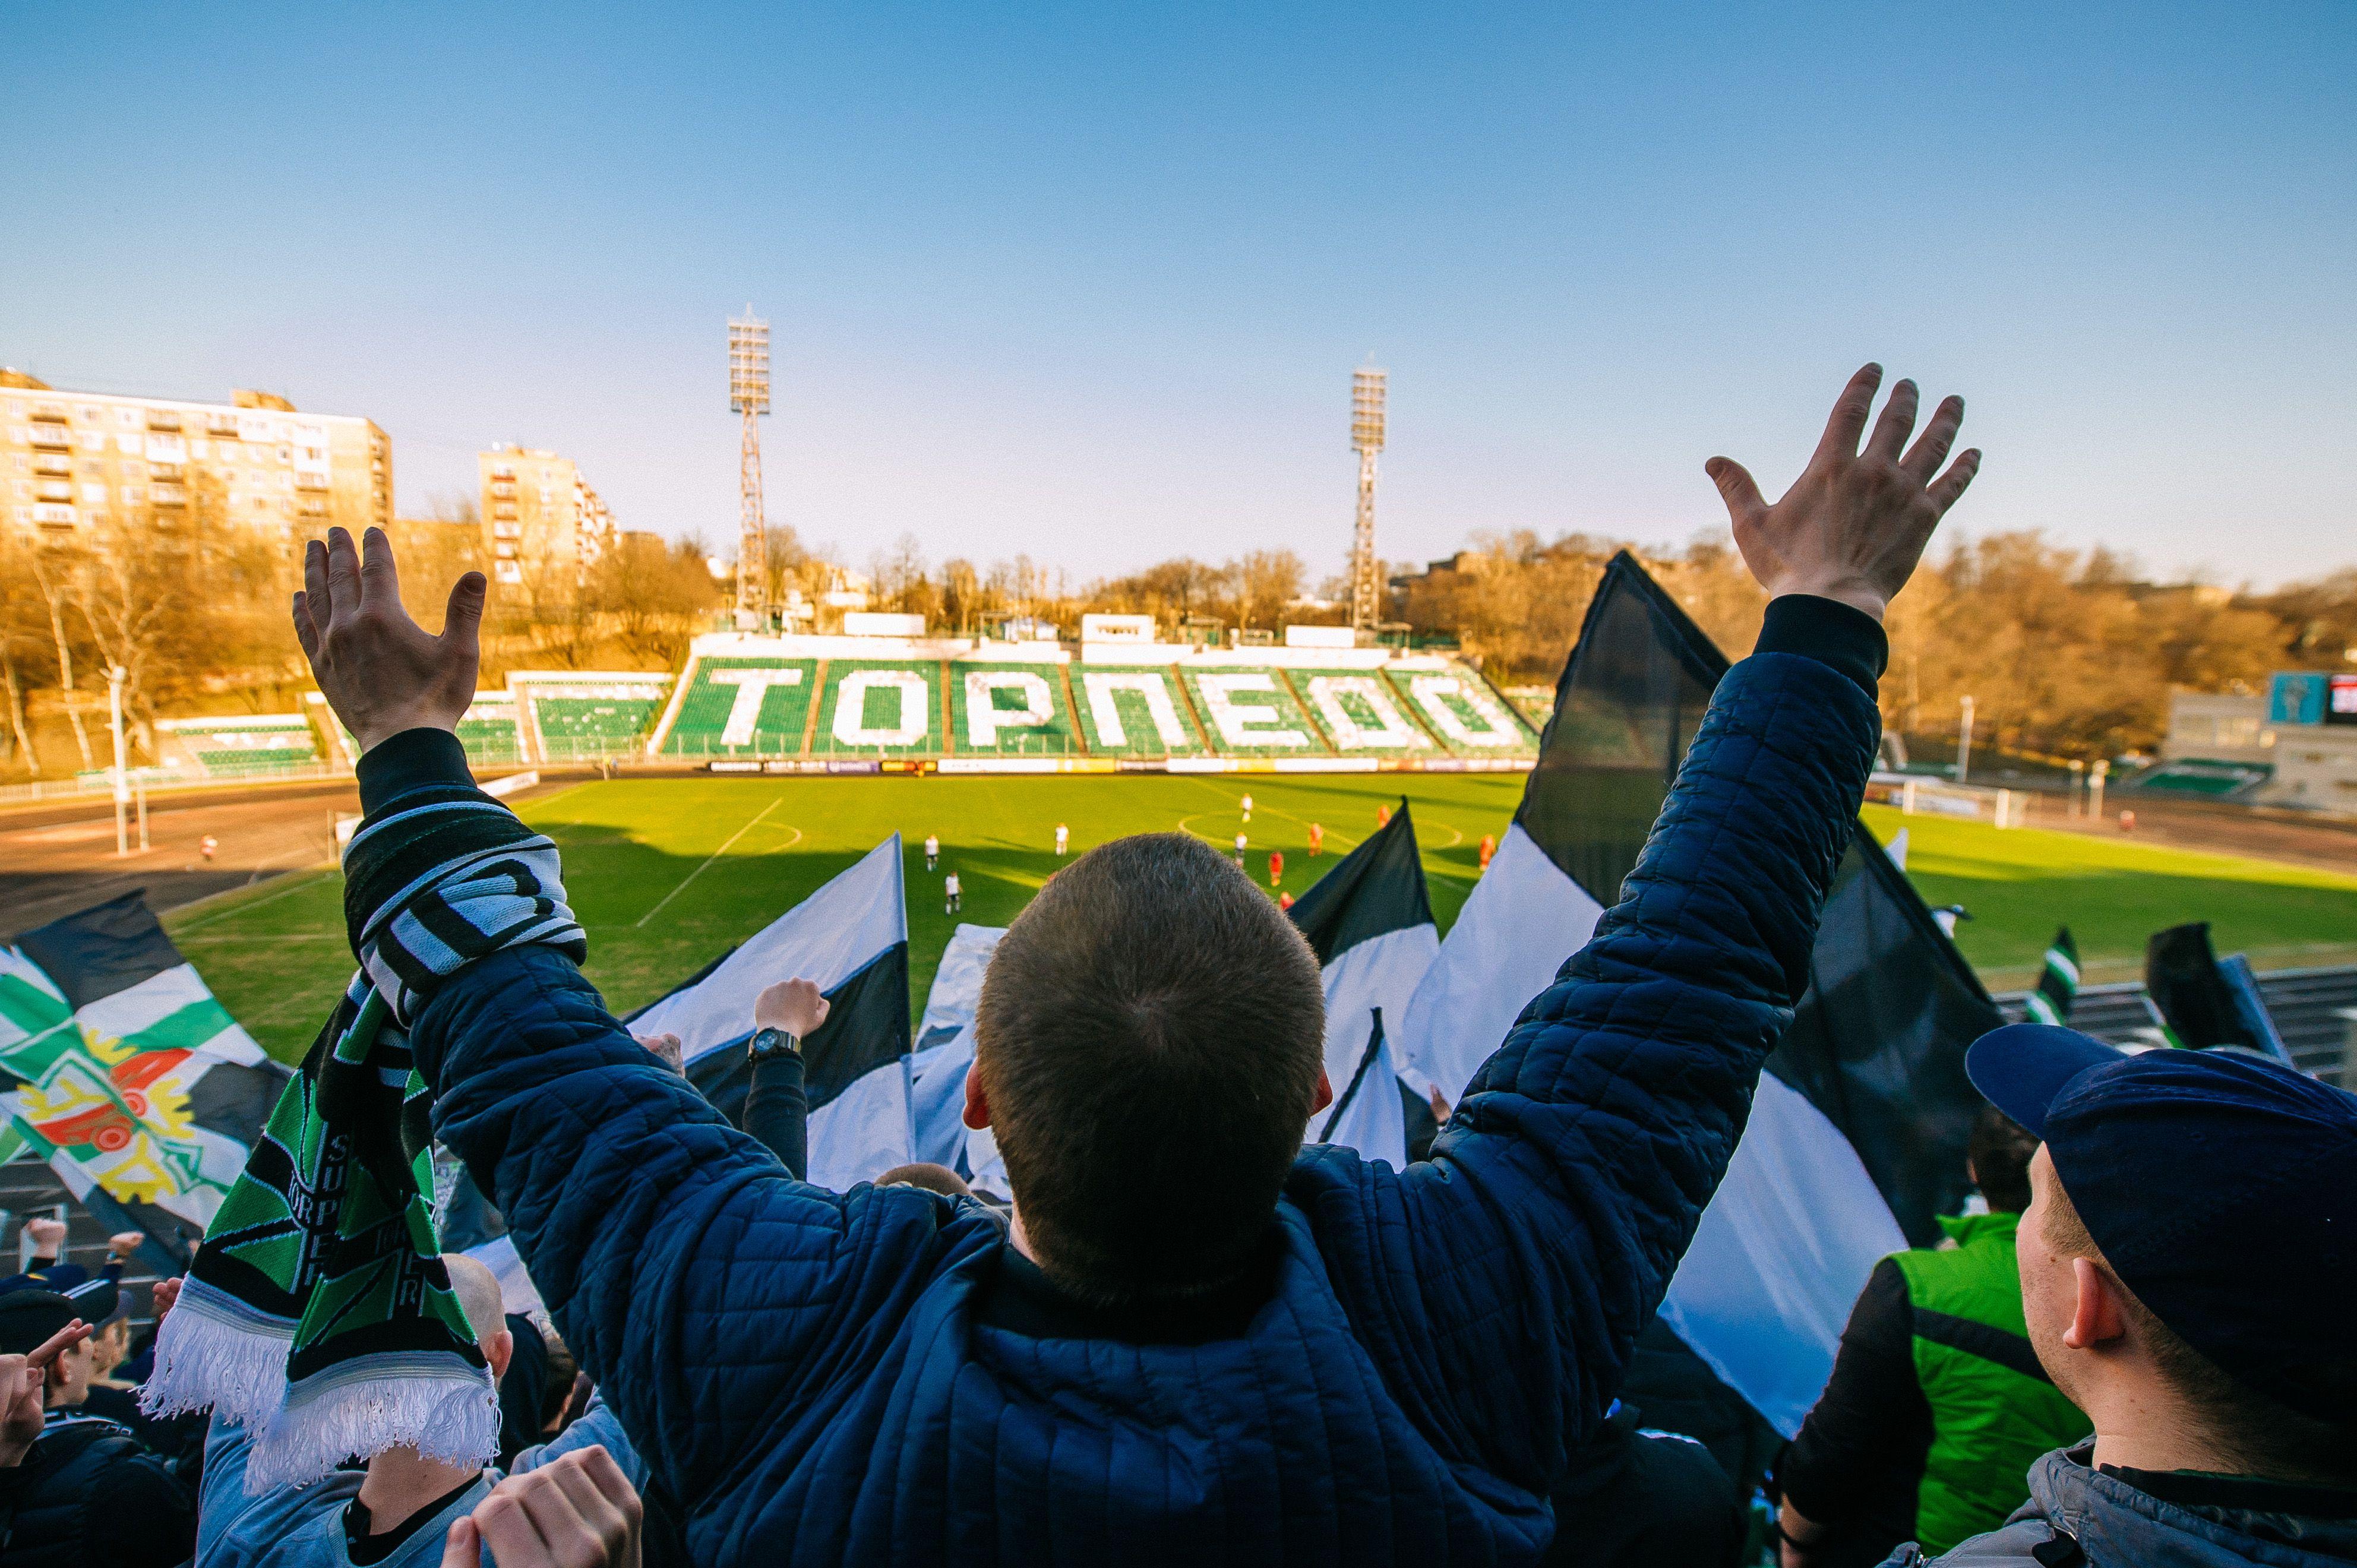 Болельщики на Стадионе имени Эдаурда Стрельцова. Фото предоставили сотрдуники пресс-службы футбольного клуба «Торпедо»